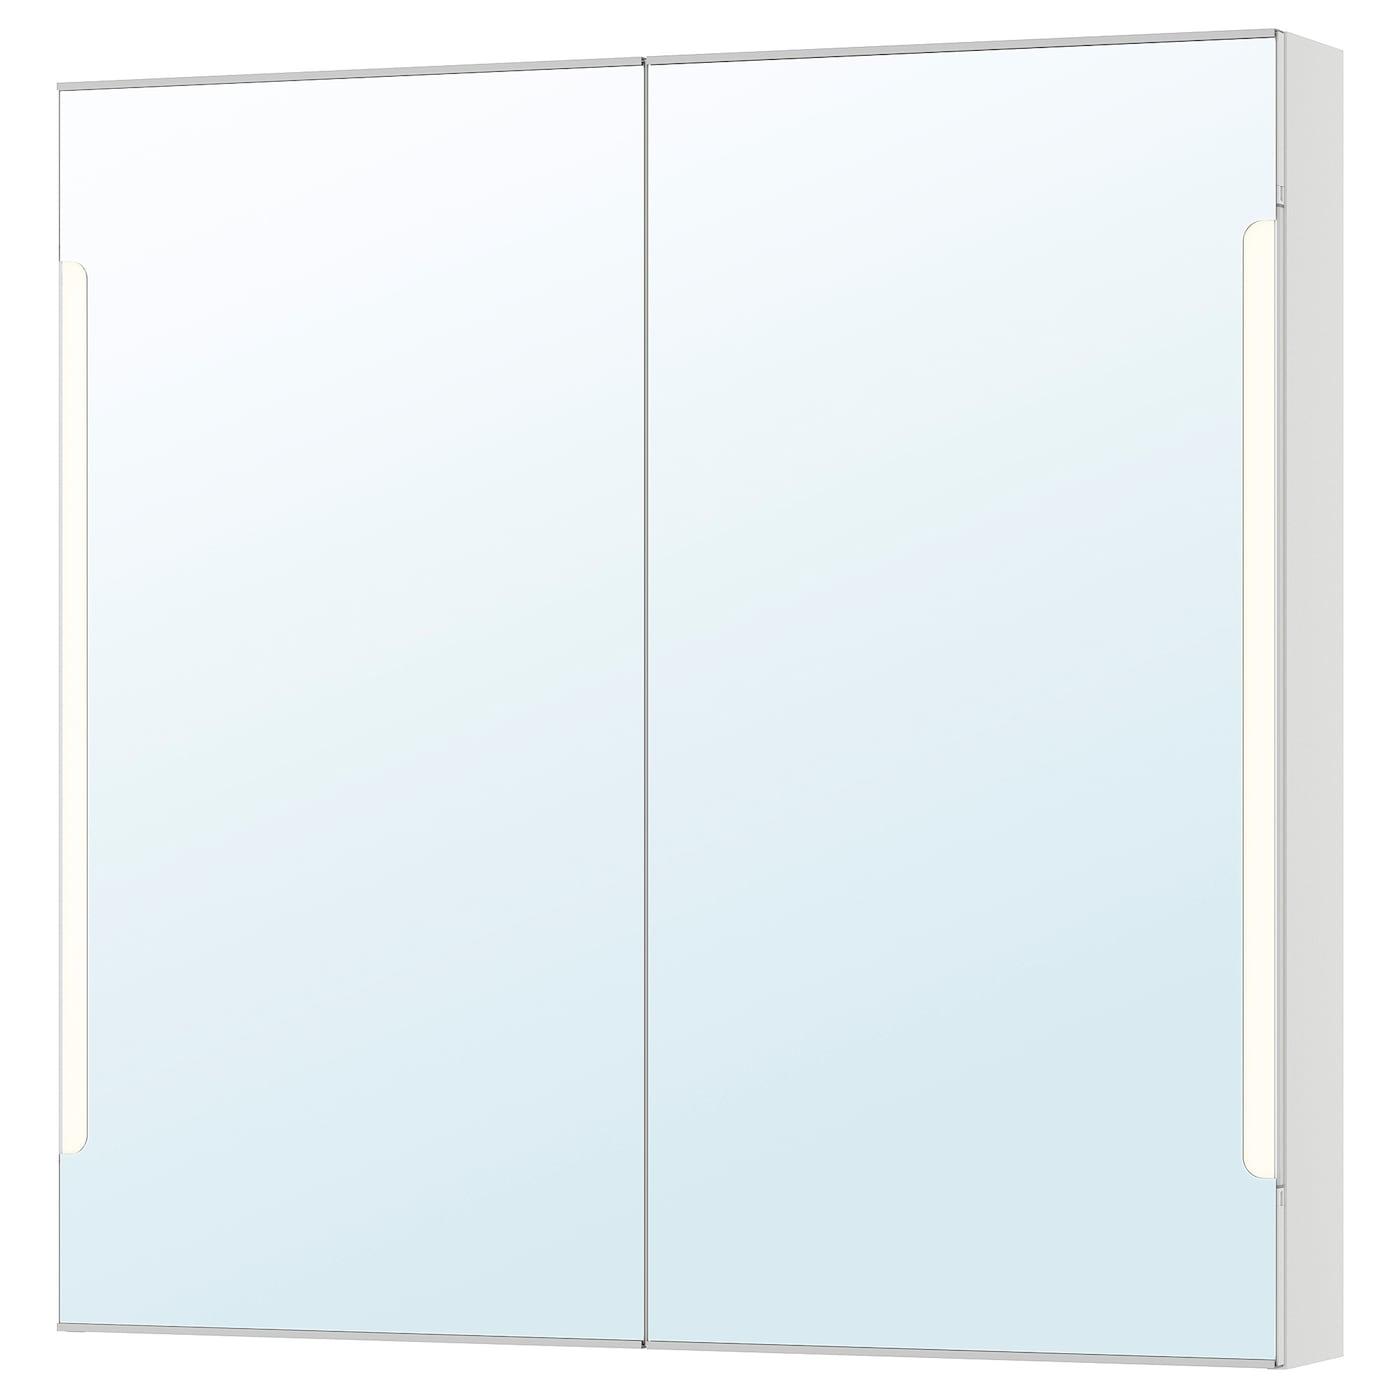 STORJORM Spiegelschrank m. 2 Türen+int. Bel.